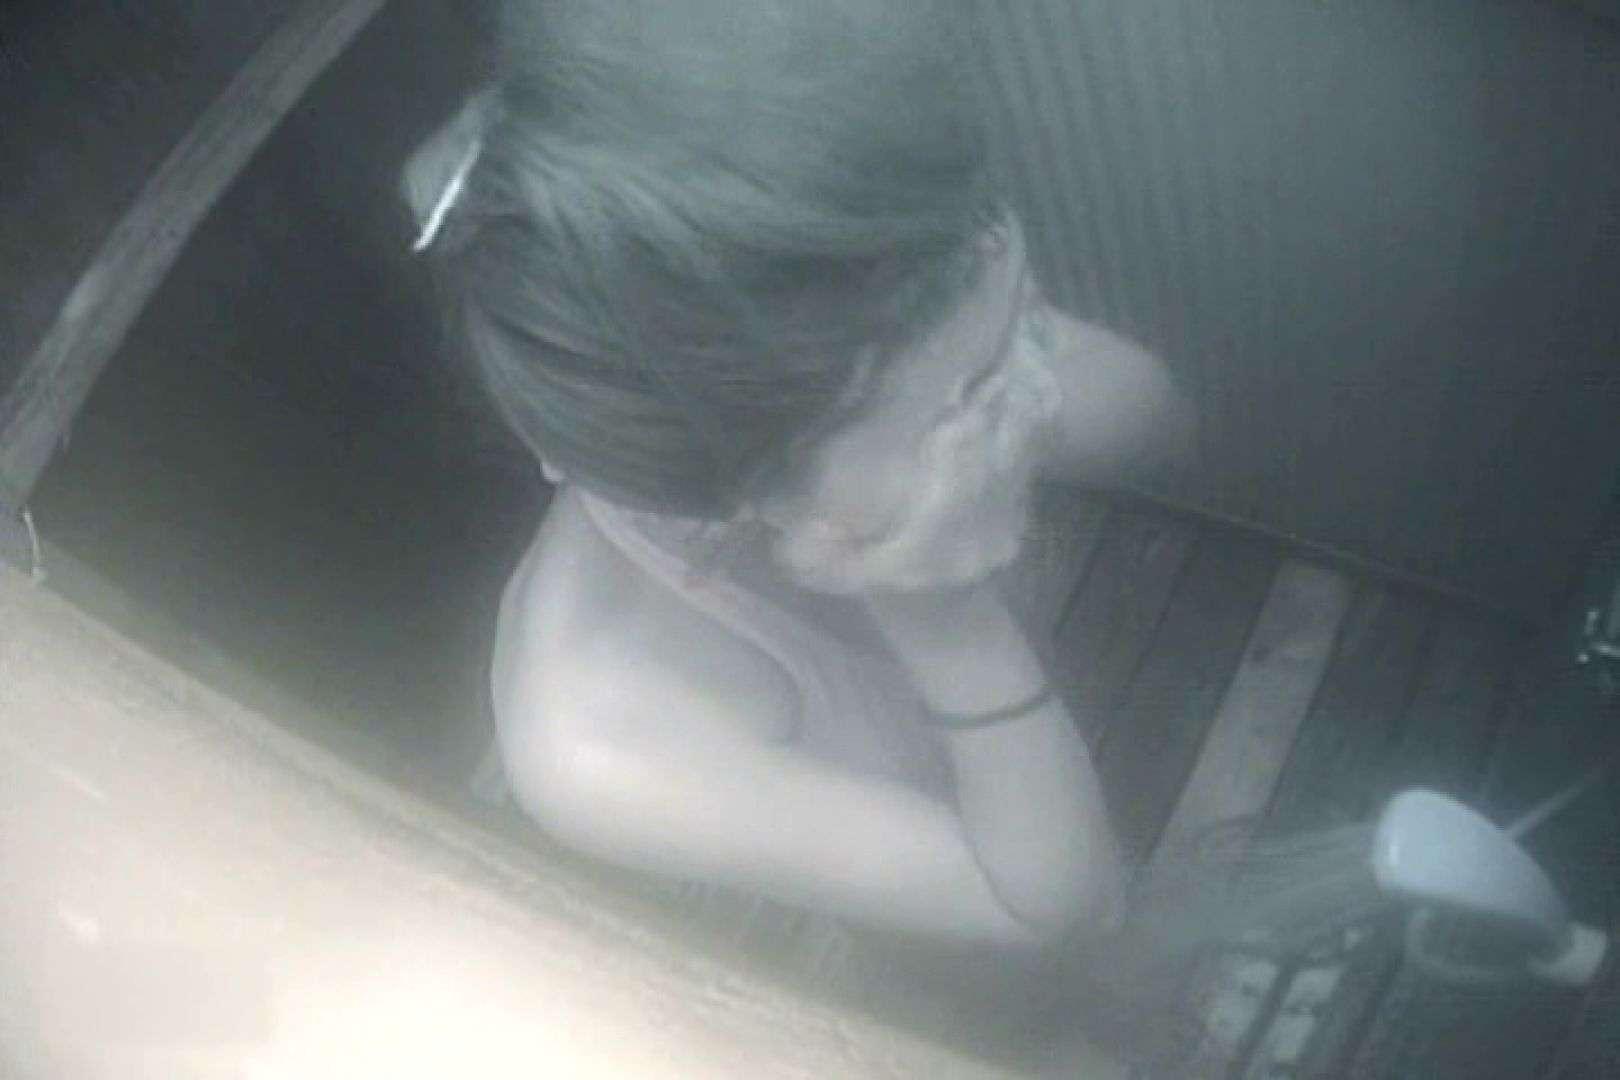 夏海シャワー室!ベトベトお肌をサラサラに!VOL.14 OLセックス 盗撮オメコ無修正動画無料 62画像 26